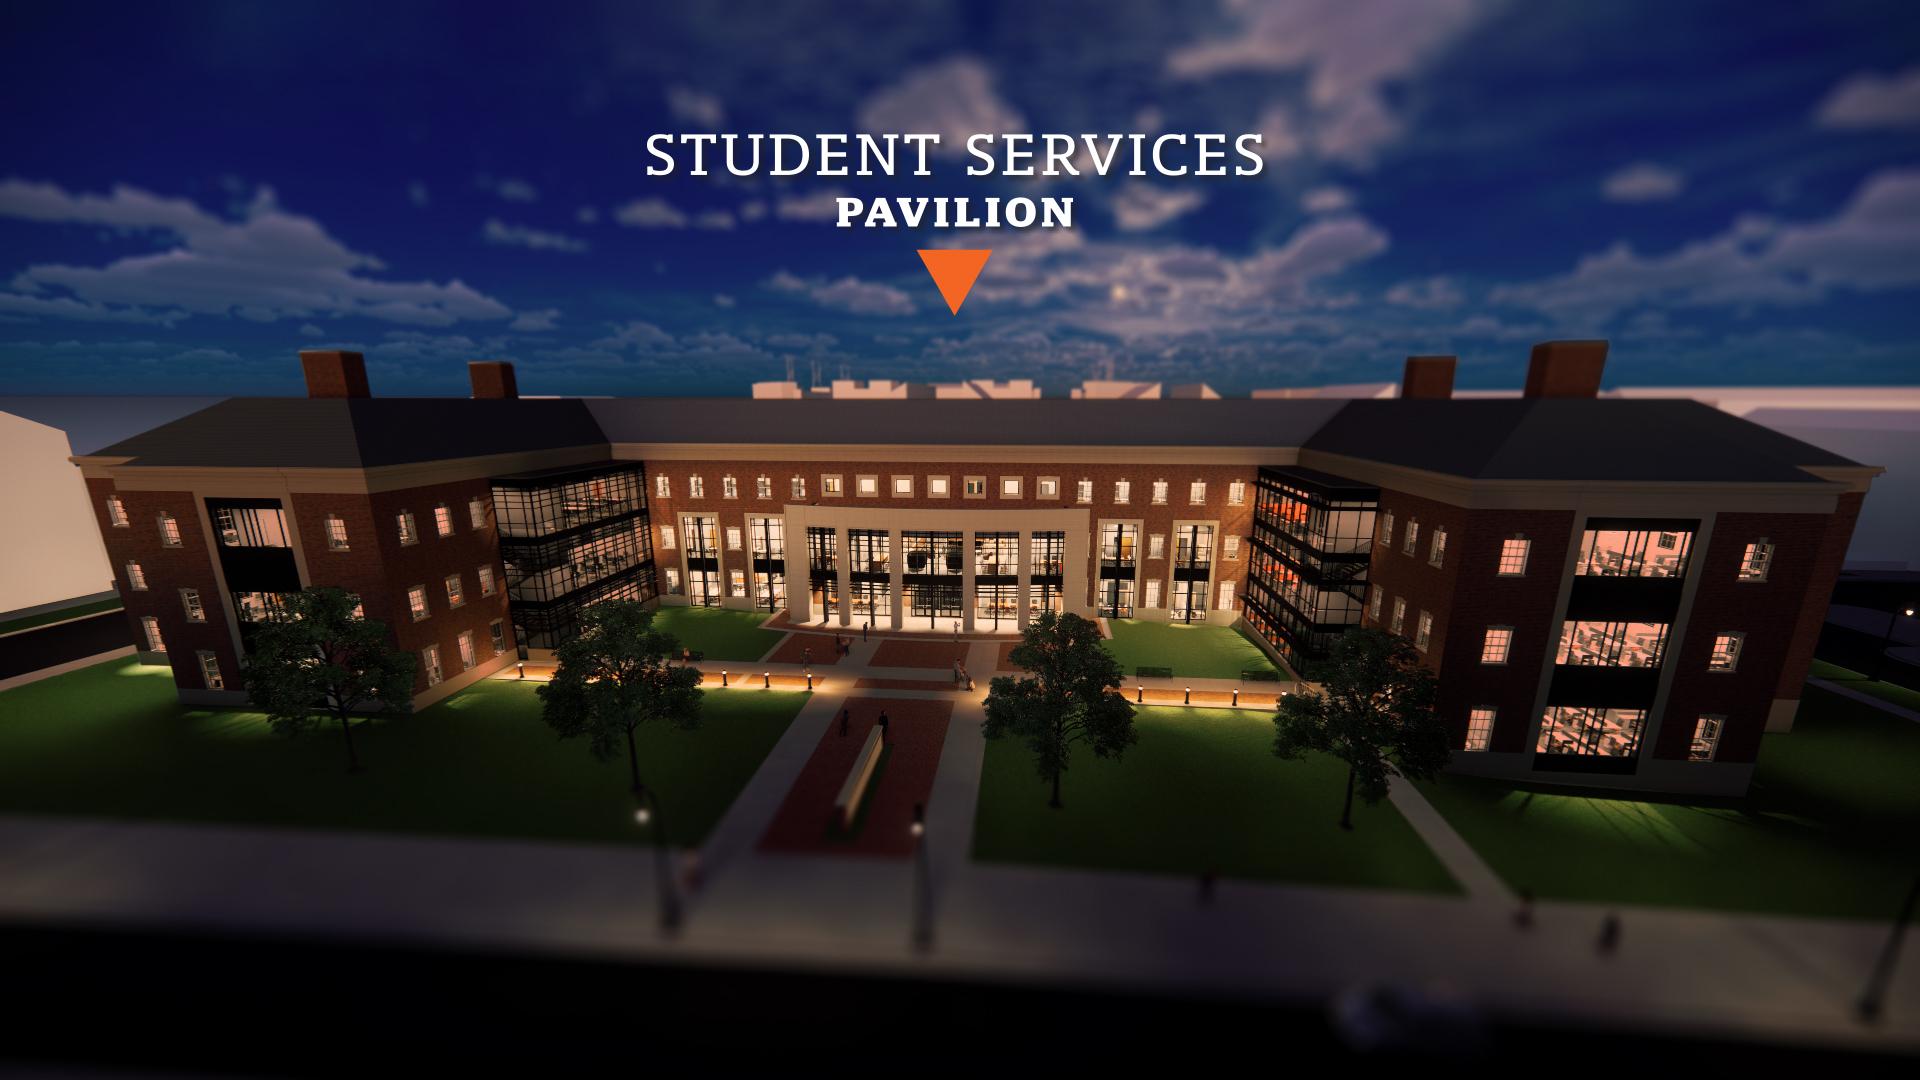 Student Services Pavilion